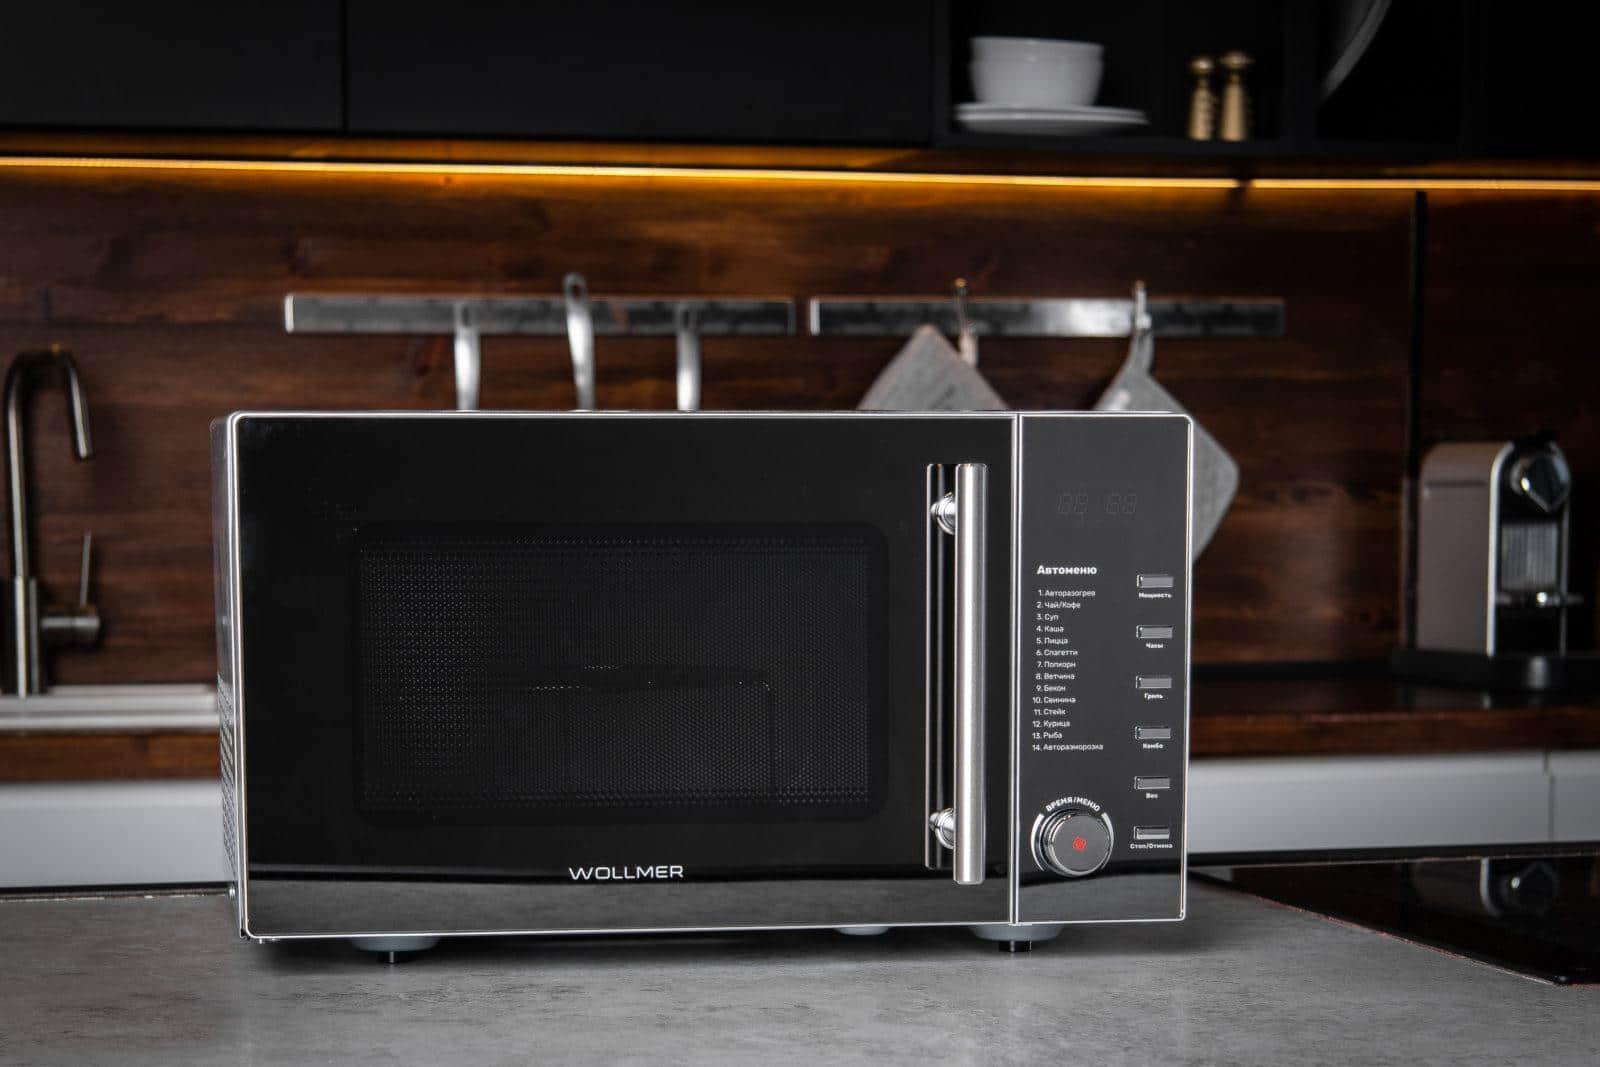 Микроволновая печь Wollmer E305